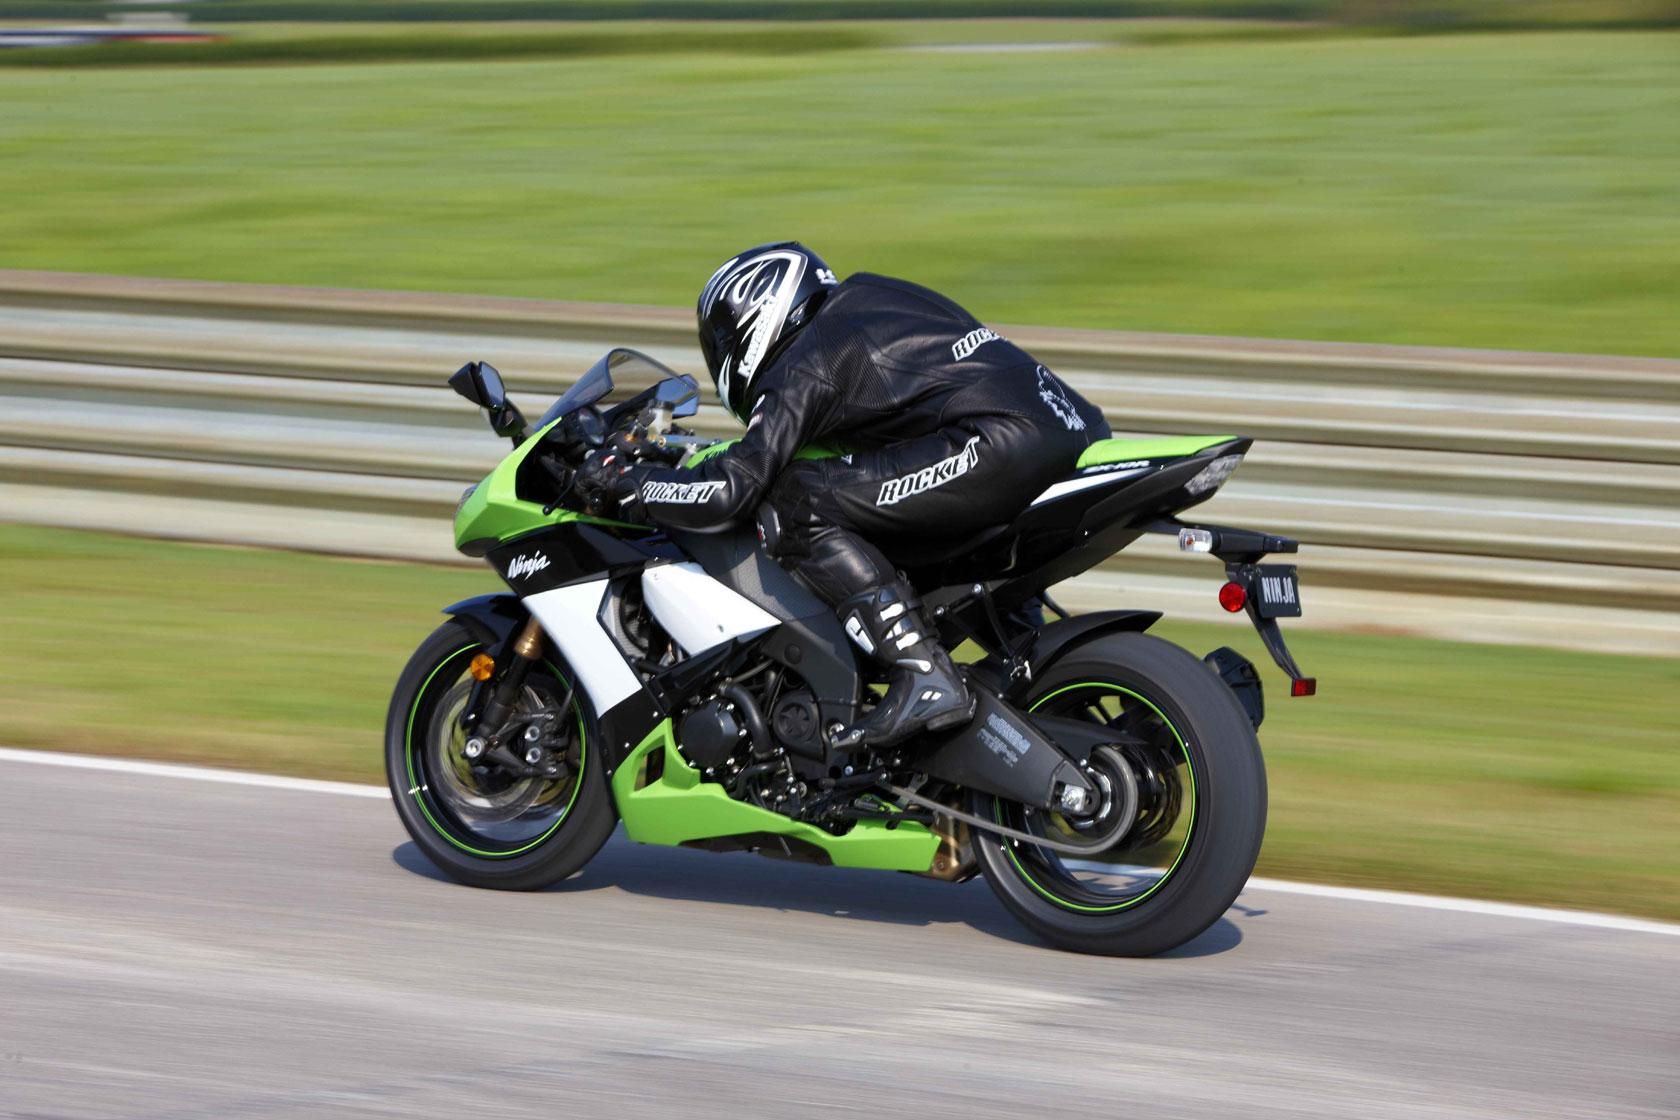 Kawasaki Ninja ZXR x wallpaper Cars and Bikes